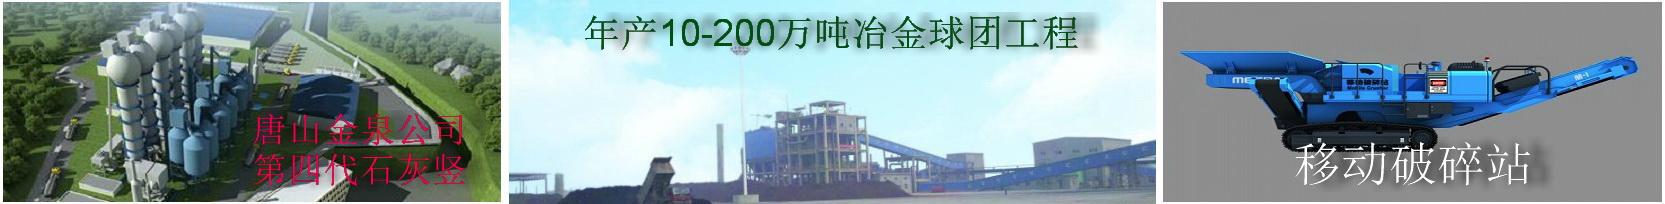 唐山金泉公司第四代新型节能环保石灰竖炉